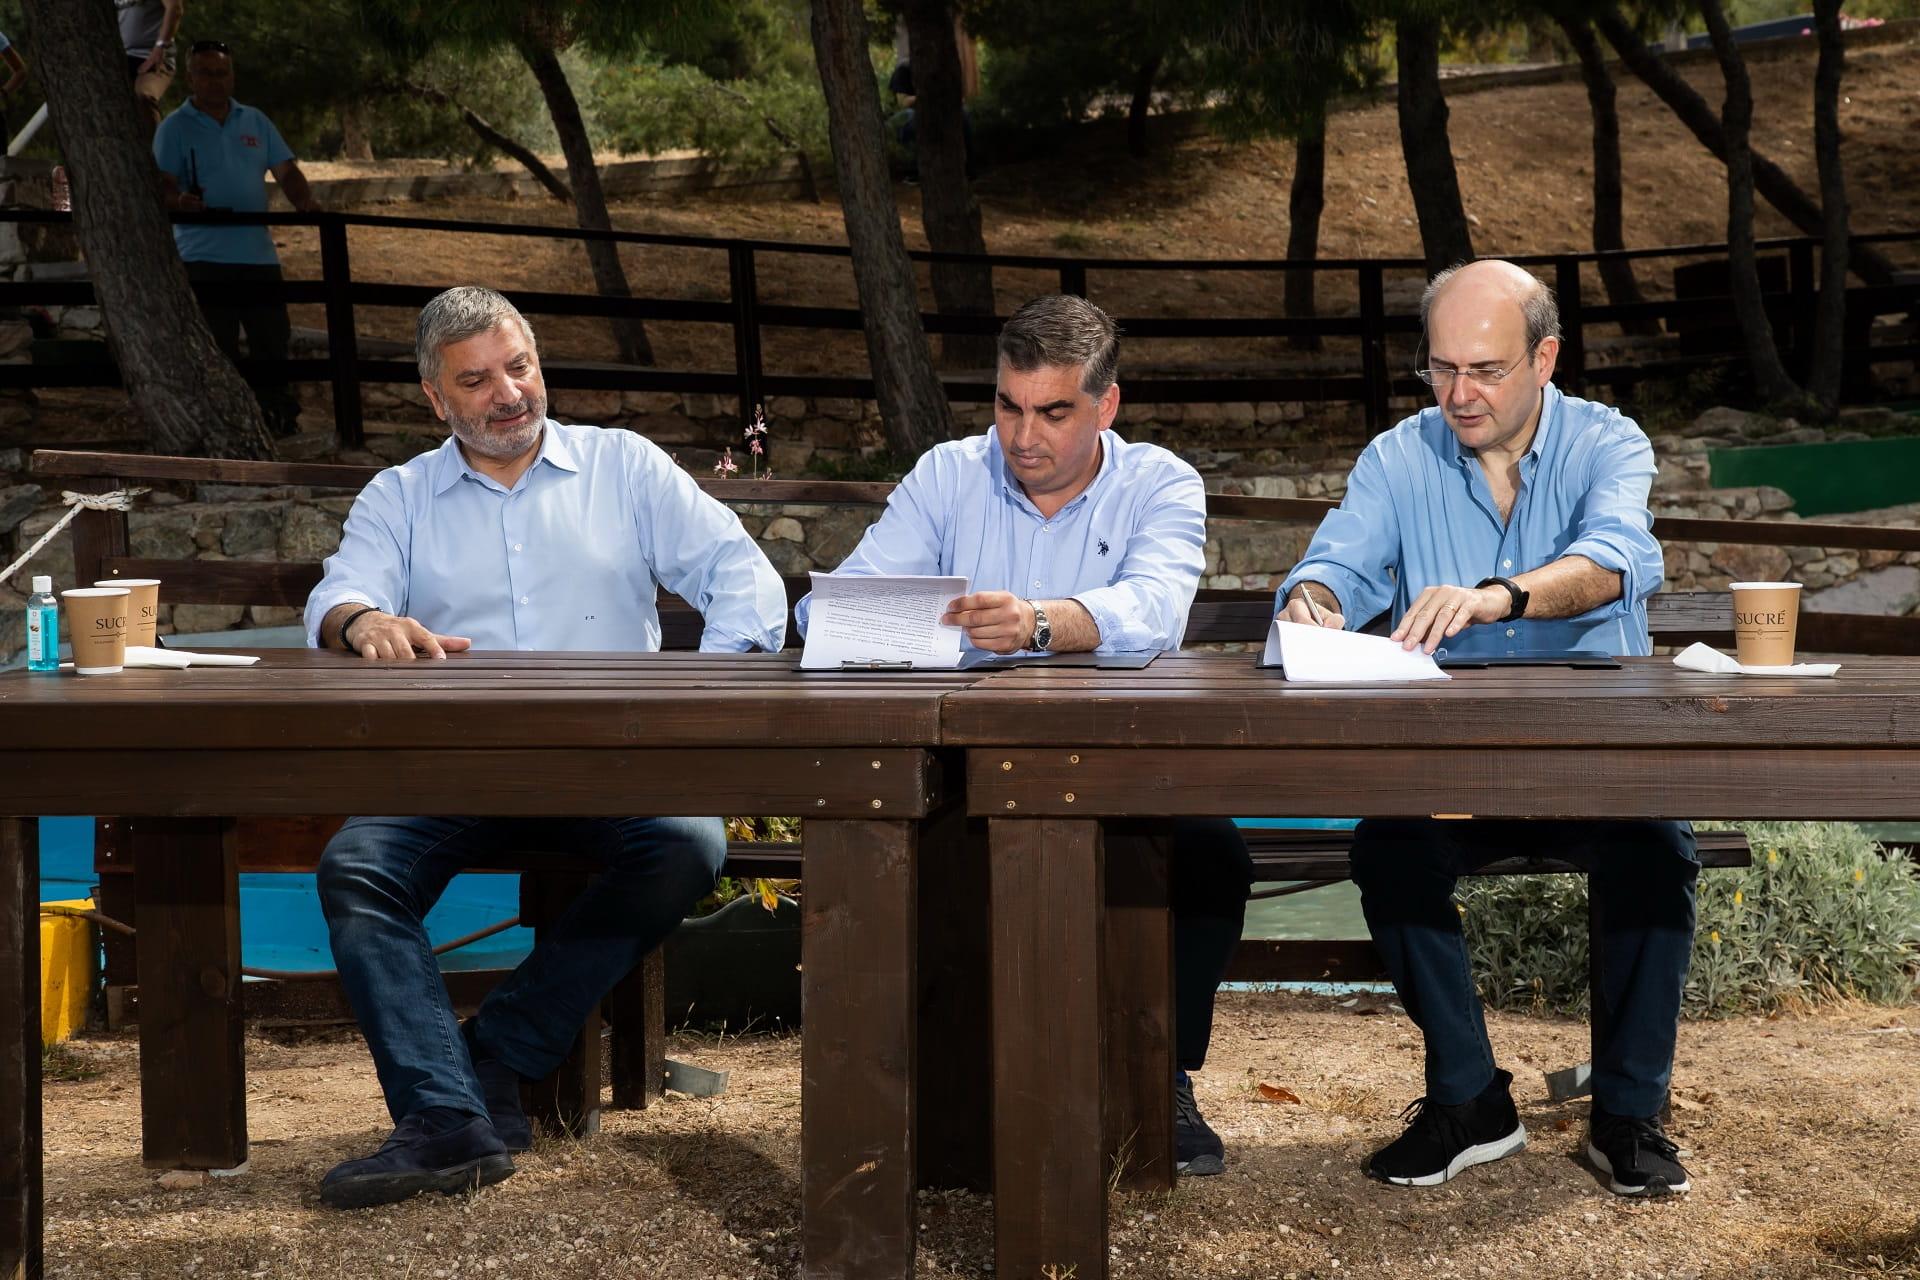 Γιώργος Πατούλης, Γιάννης Κωνσταντάτος, Κωστής Χατζηδάκης στην εκδήλωση για το μνημόνιο συνεργασίας ΥΠΕΝ - ΣΠΑΥ